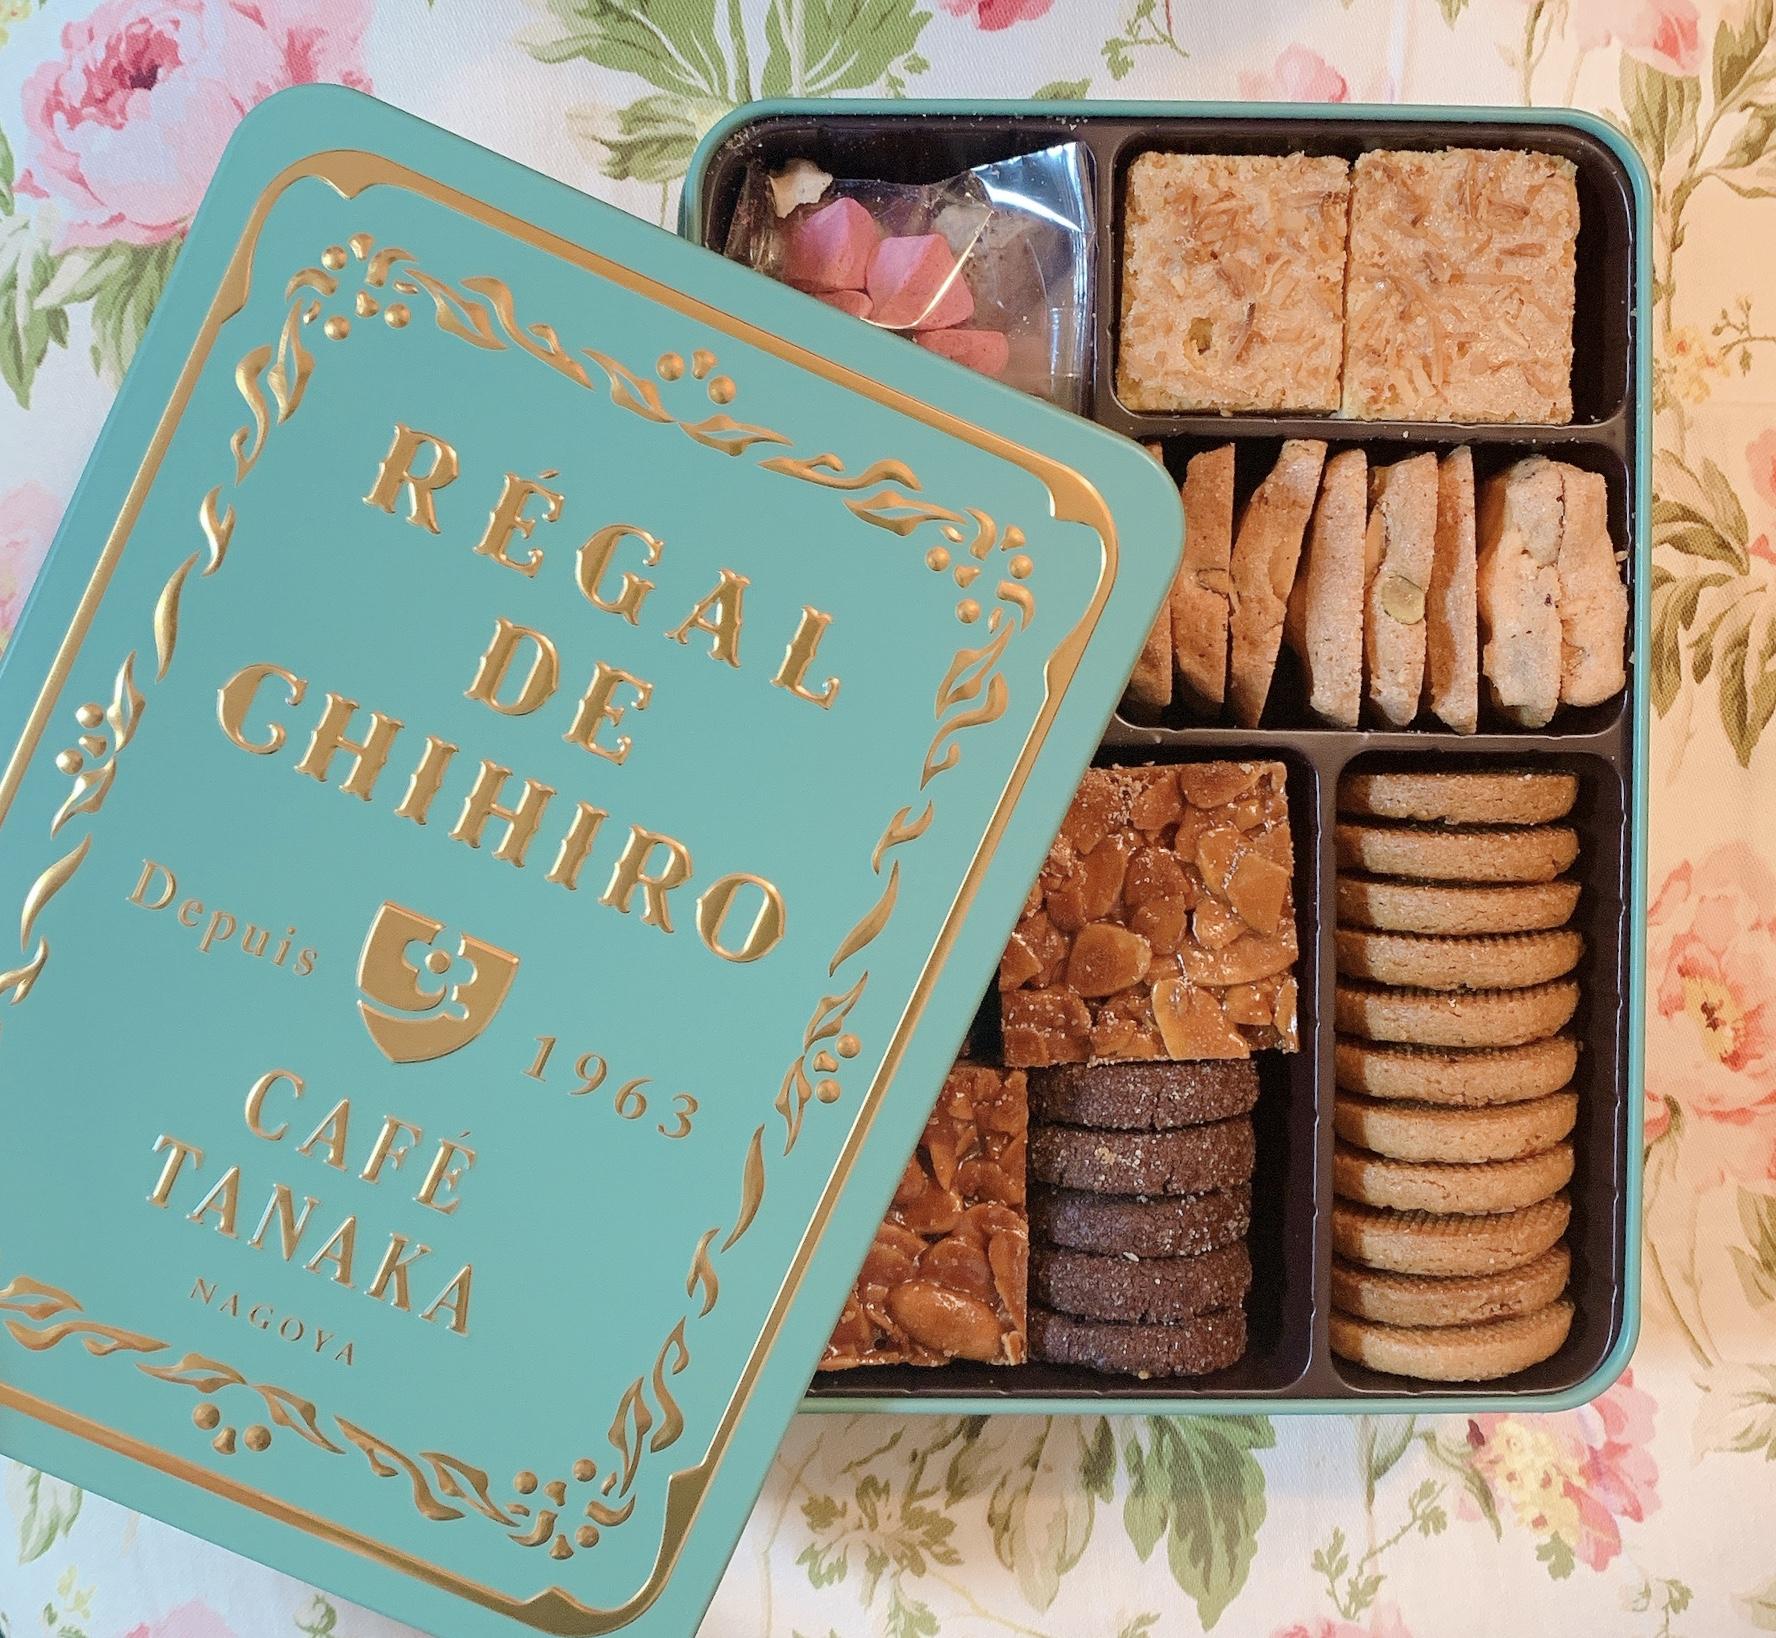 【名古屋】予約が中々取れない!?カフェタナカ クッキー缶 REGAL DE CHIHIRO【おもたせ お土産】_1